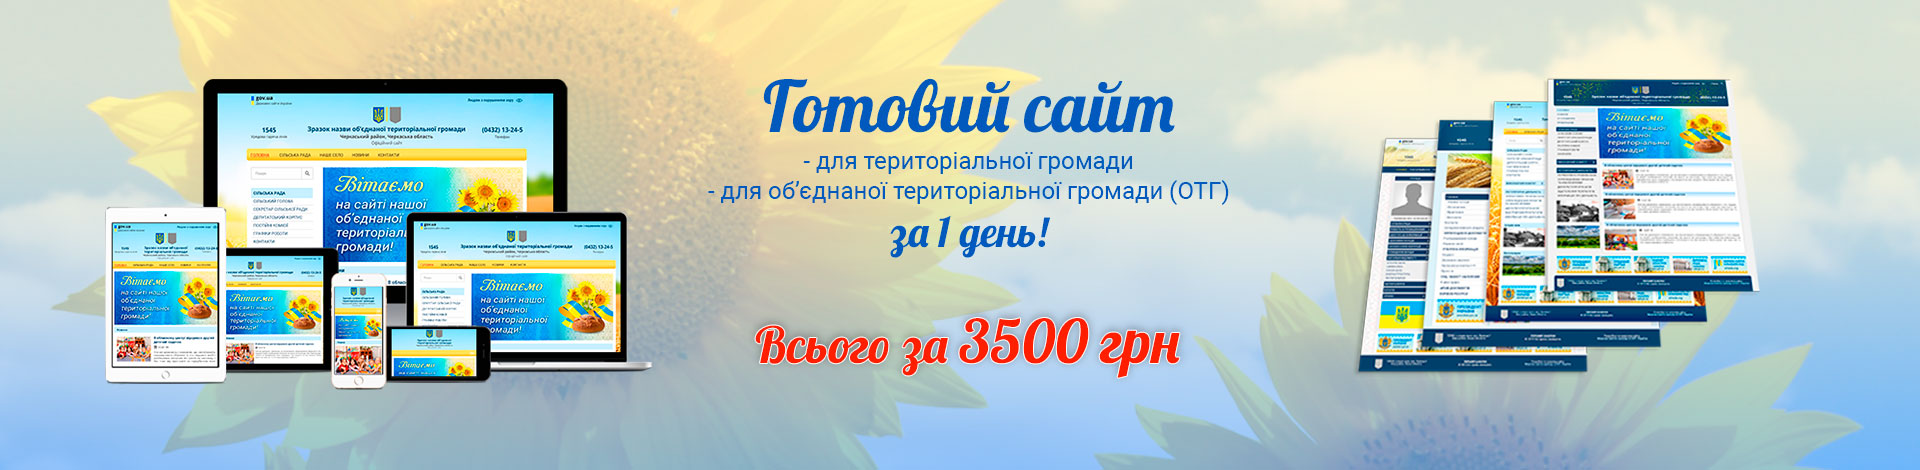 сайт громади за 3500